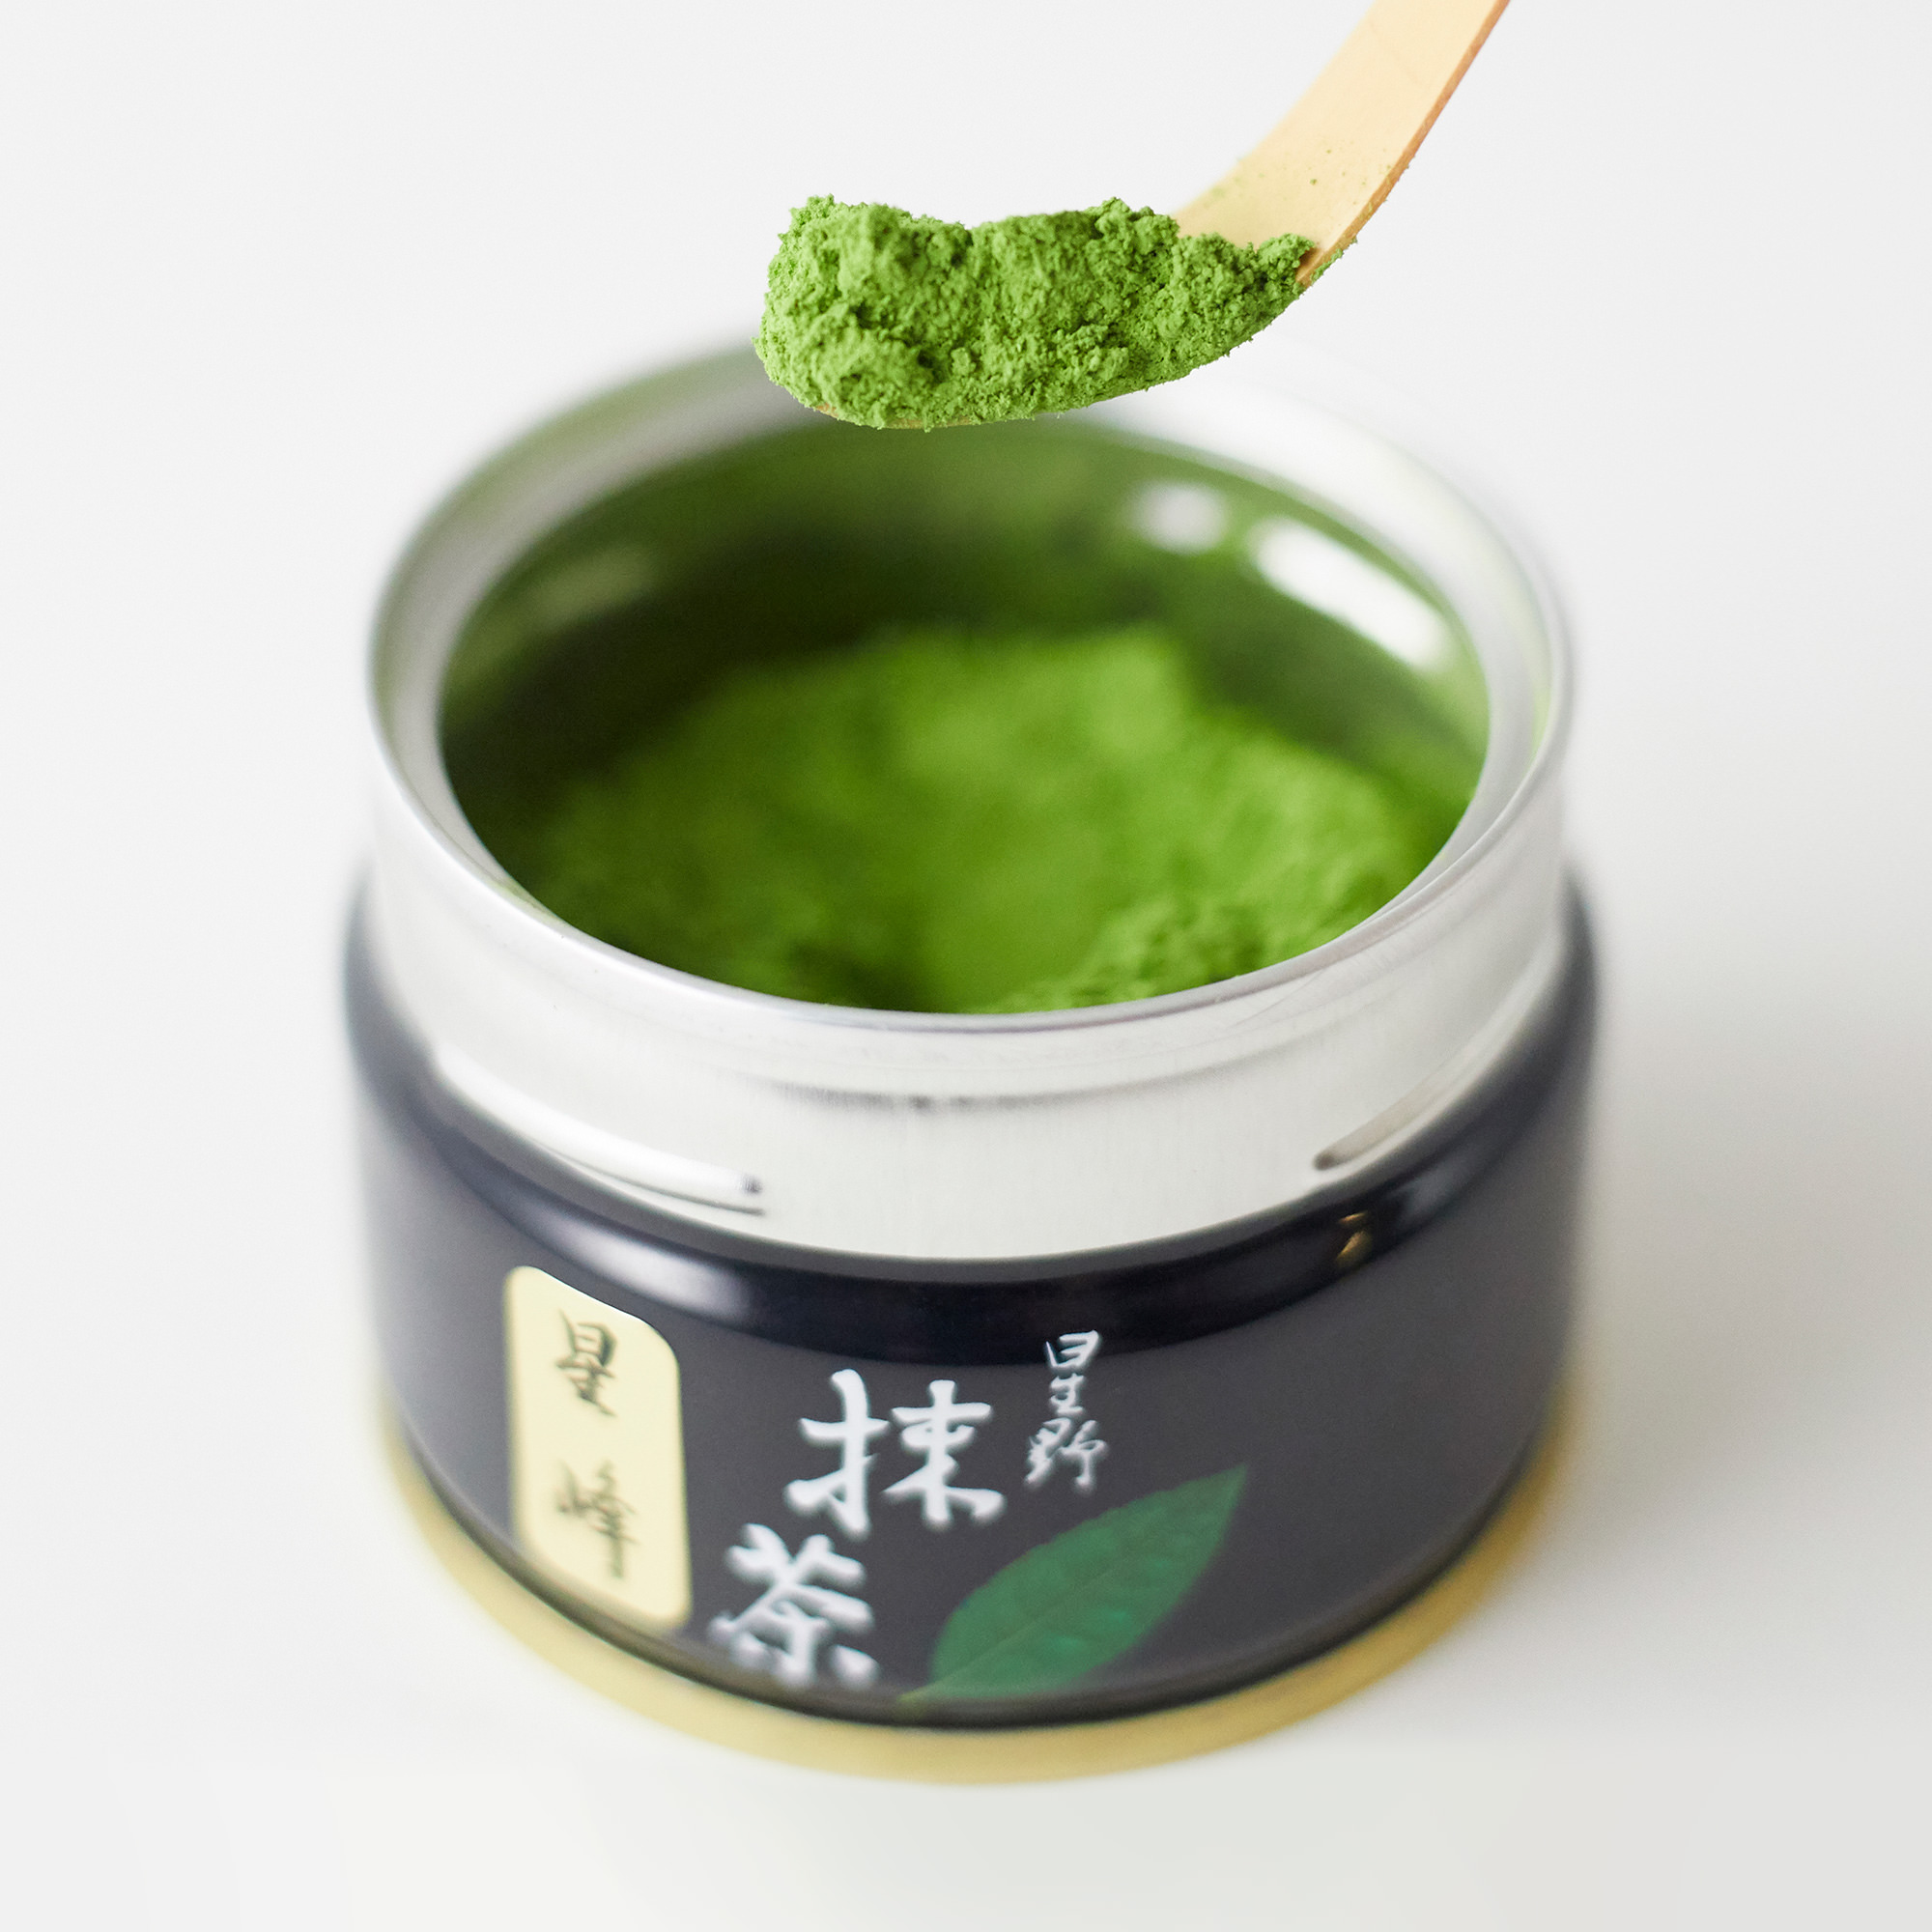 星野抹茶 「星峰」20g缶入